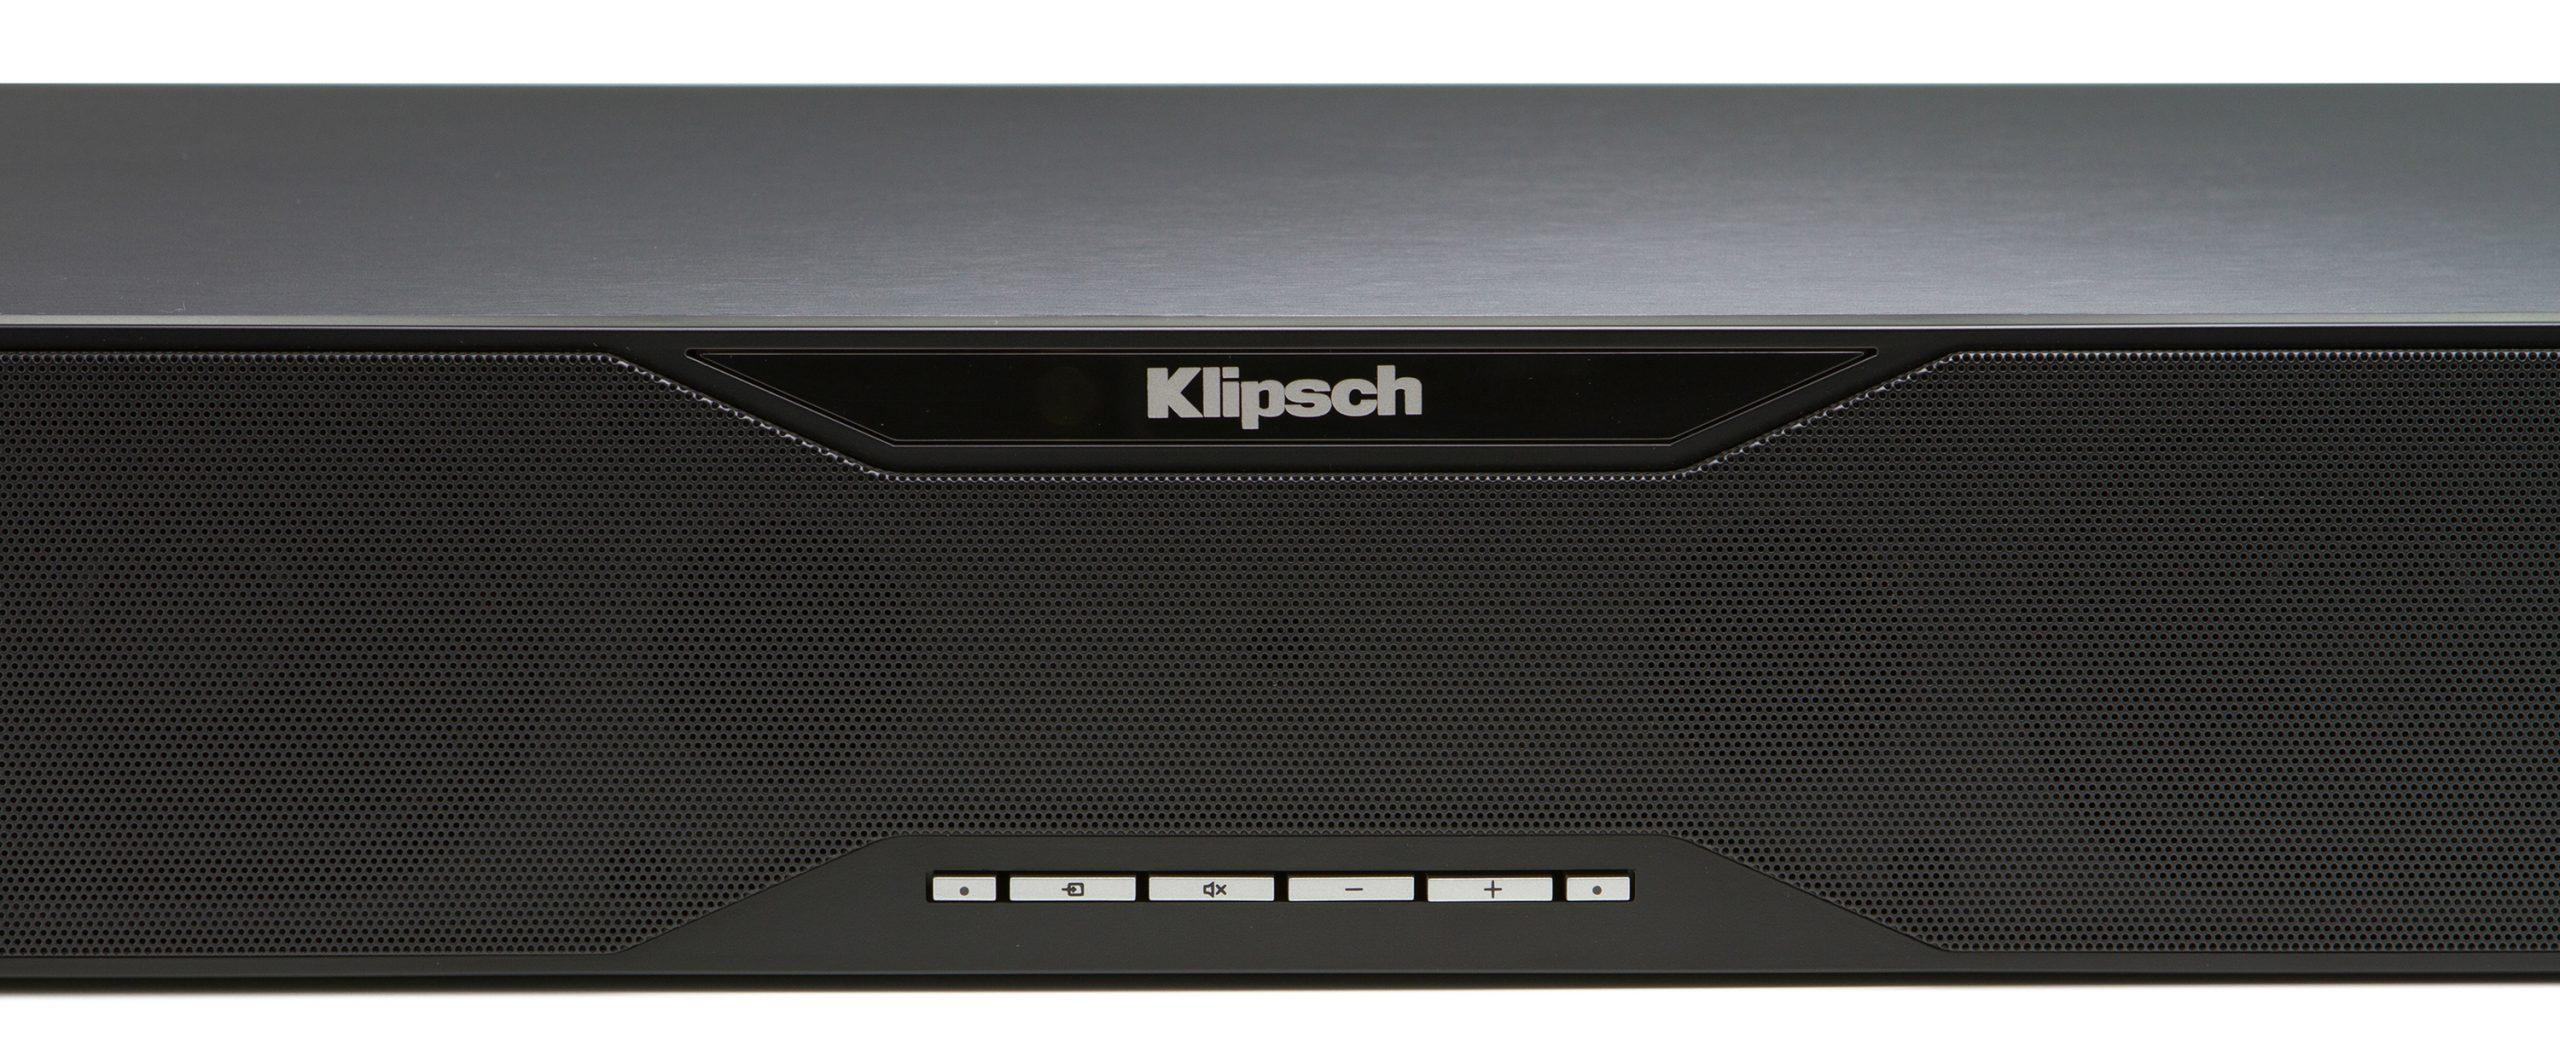 Klipsch SB 120 controls